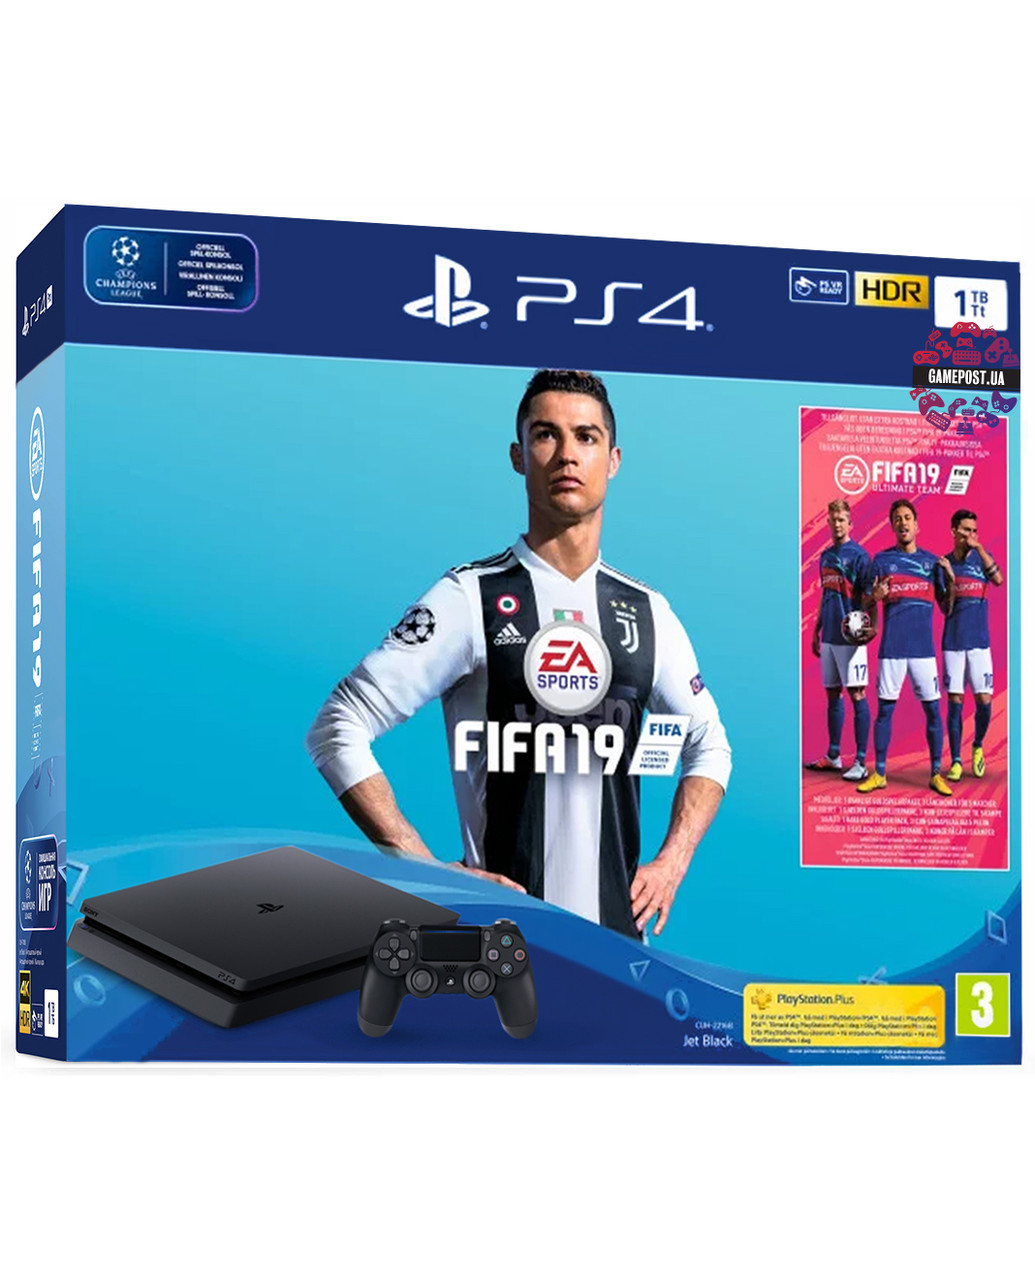 Игровая приставка ps4 Playstation 4 Slim 1000 GB + FIFA 19